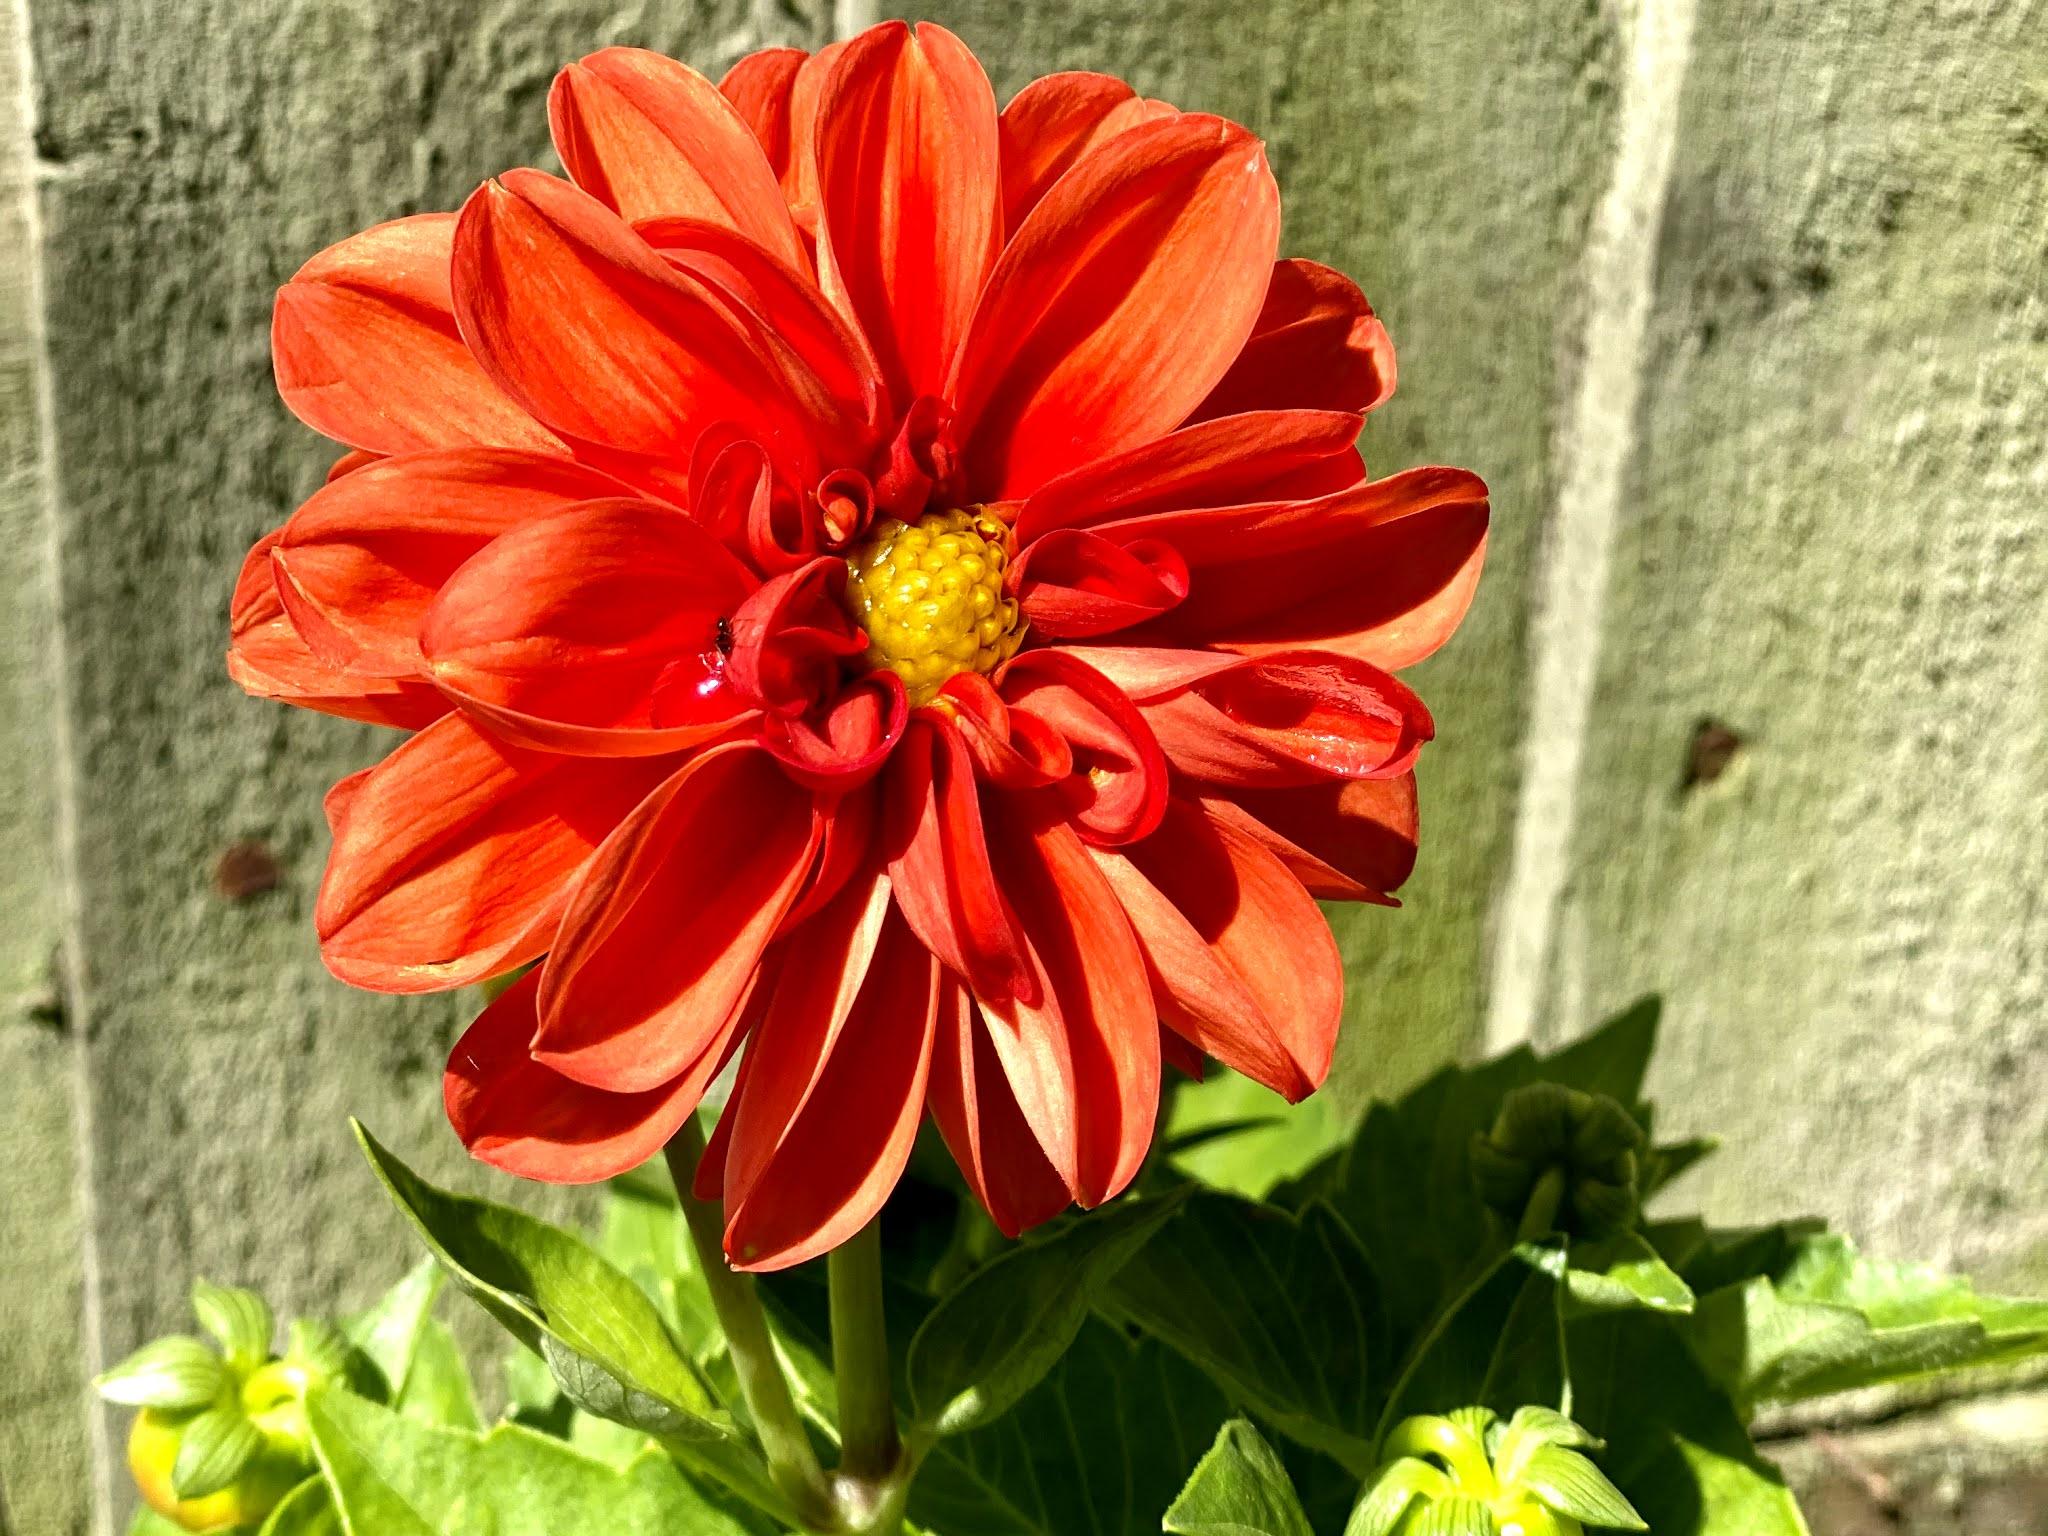 A pretty orange flower in the garden